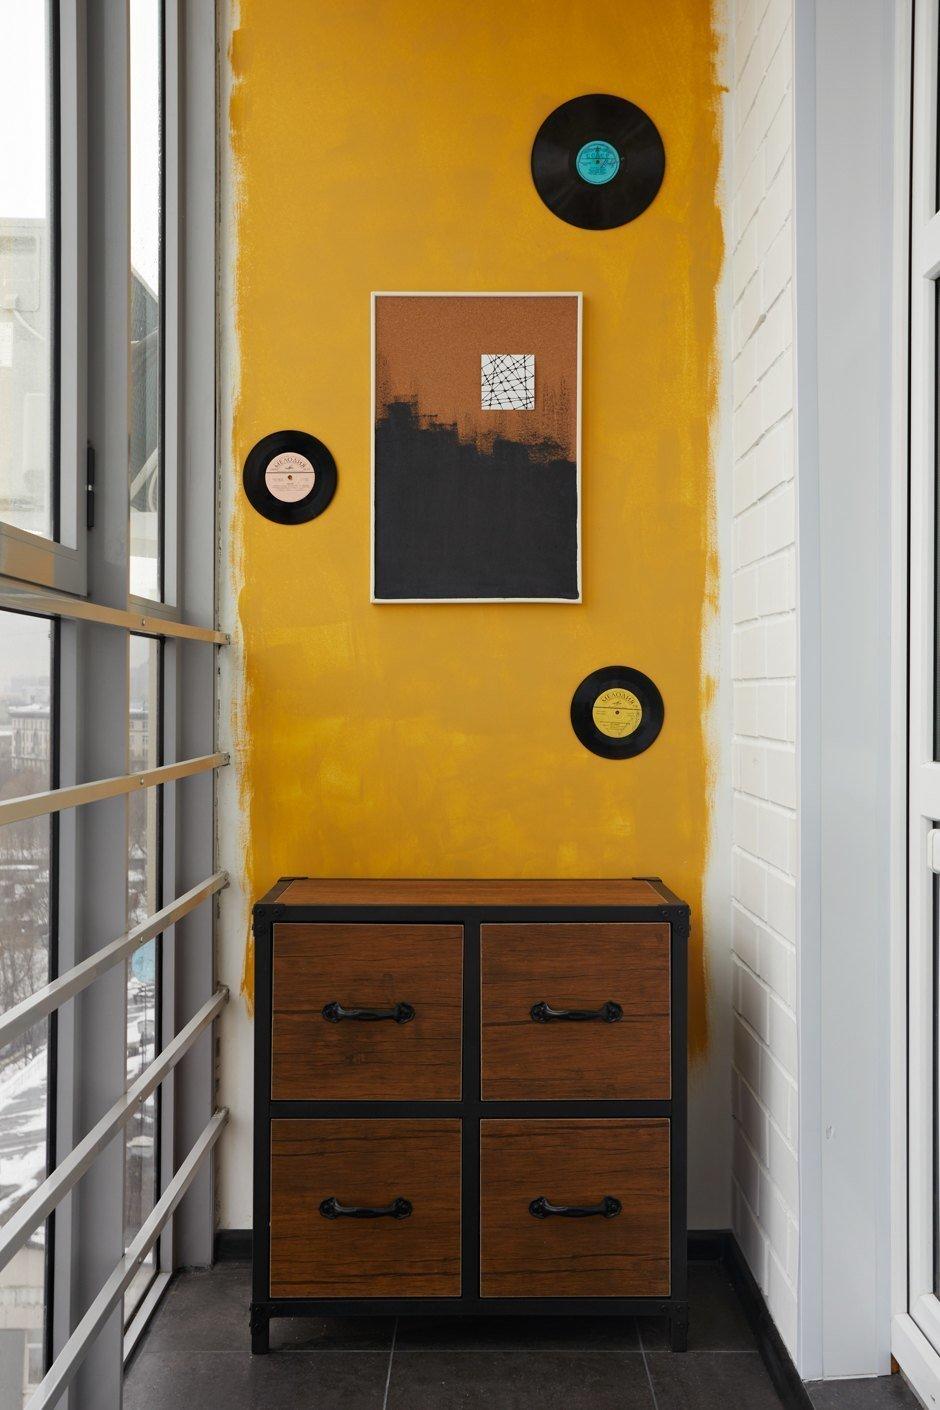 Фотография: Балкон в стиле Современный, Кухня и столовая, Ванная, Прихожая, Спальня, Проект недели, Желтый, Синий, Голубой, 1 комната, до 40 метров, ПРЕМИЯ INMYROOM – фото на INMYROOM